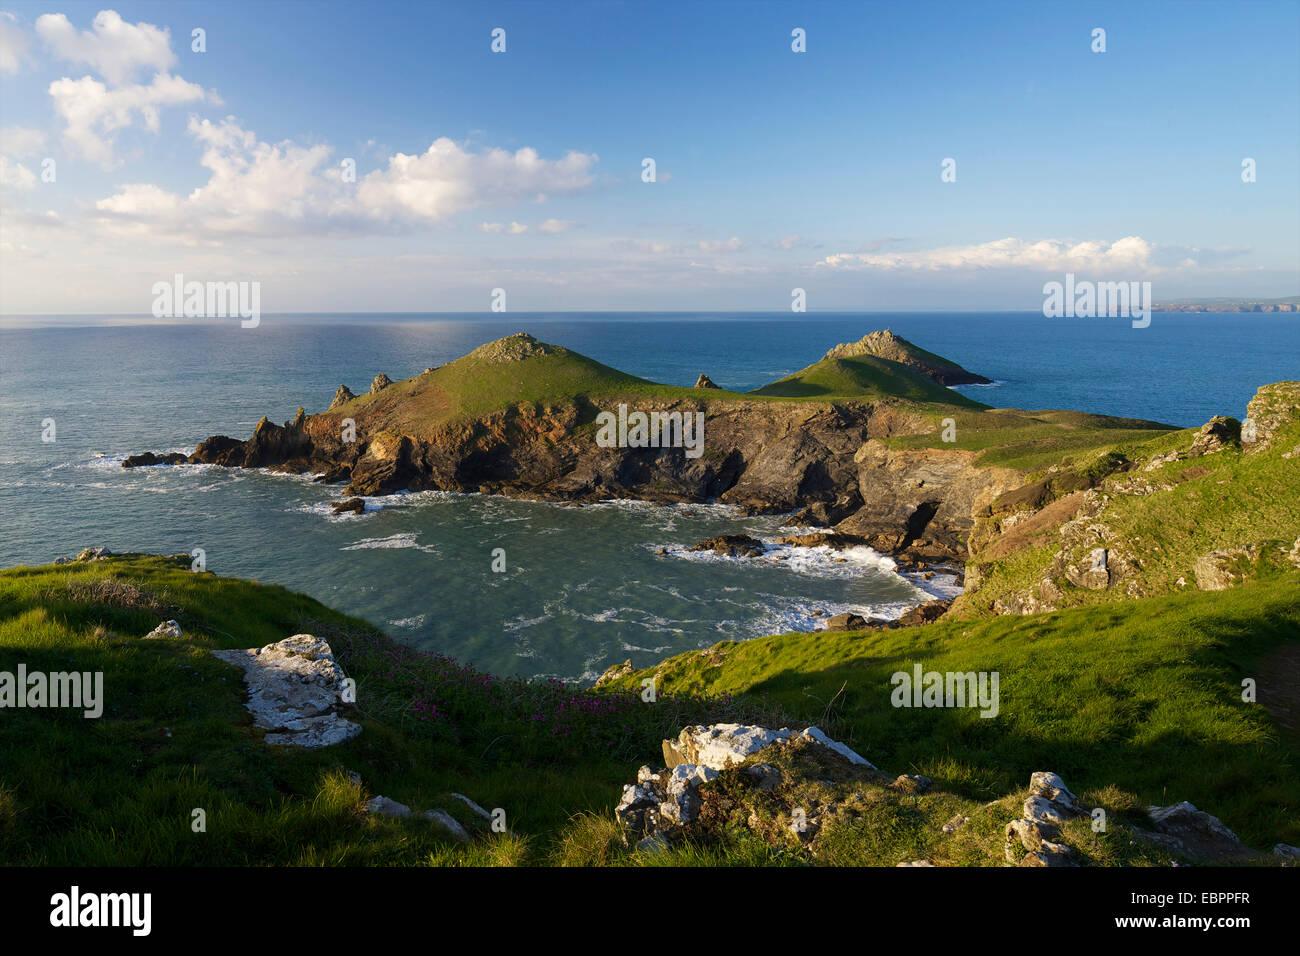 Viste della Atlantic surf al punto di groppe, Pentire capezzagna, North Cornwall, England, Regno Unito, Europa Immagini Stock